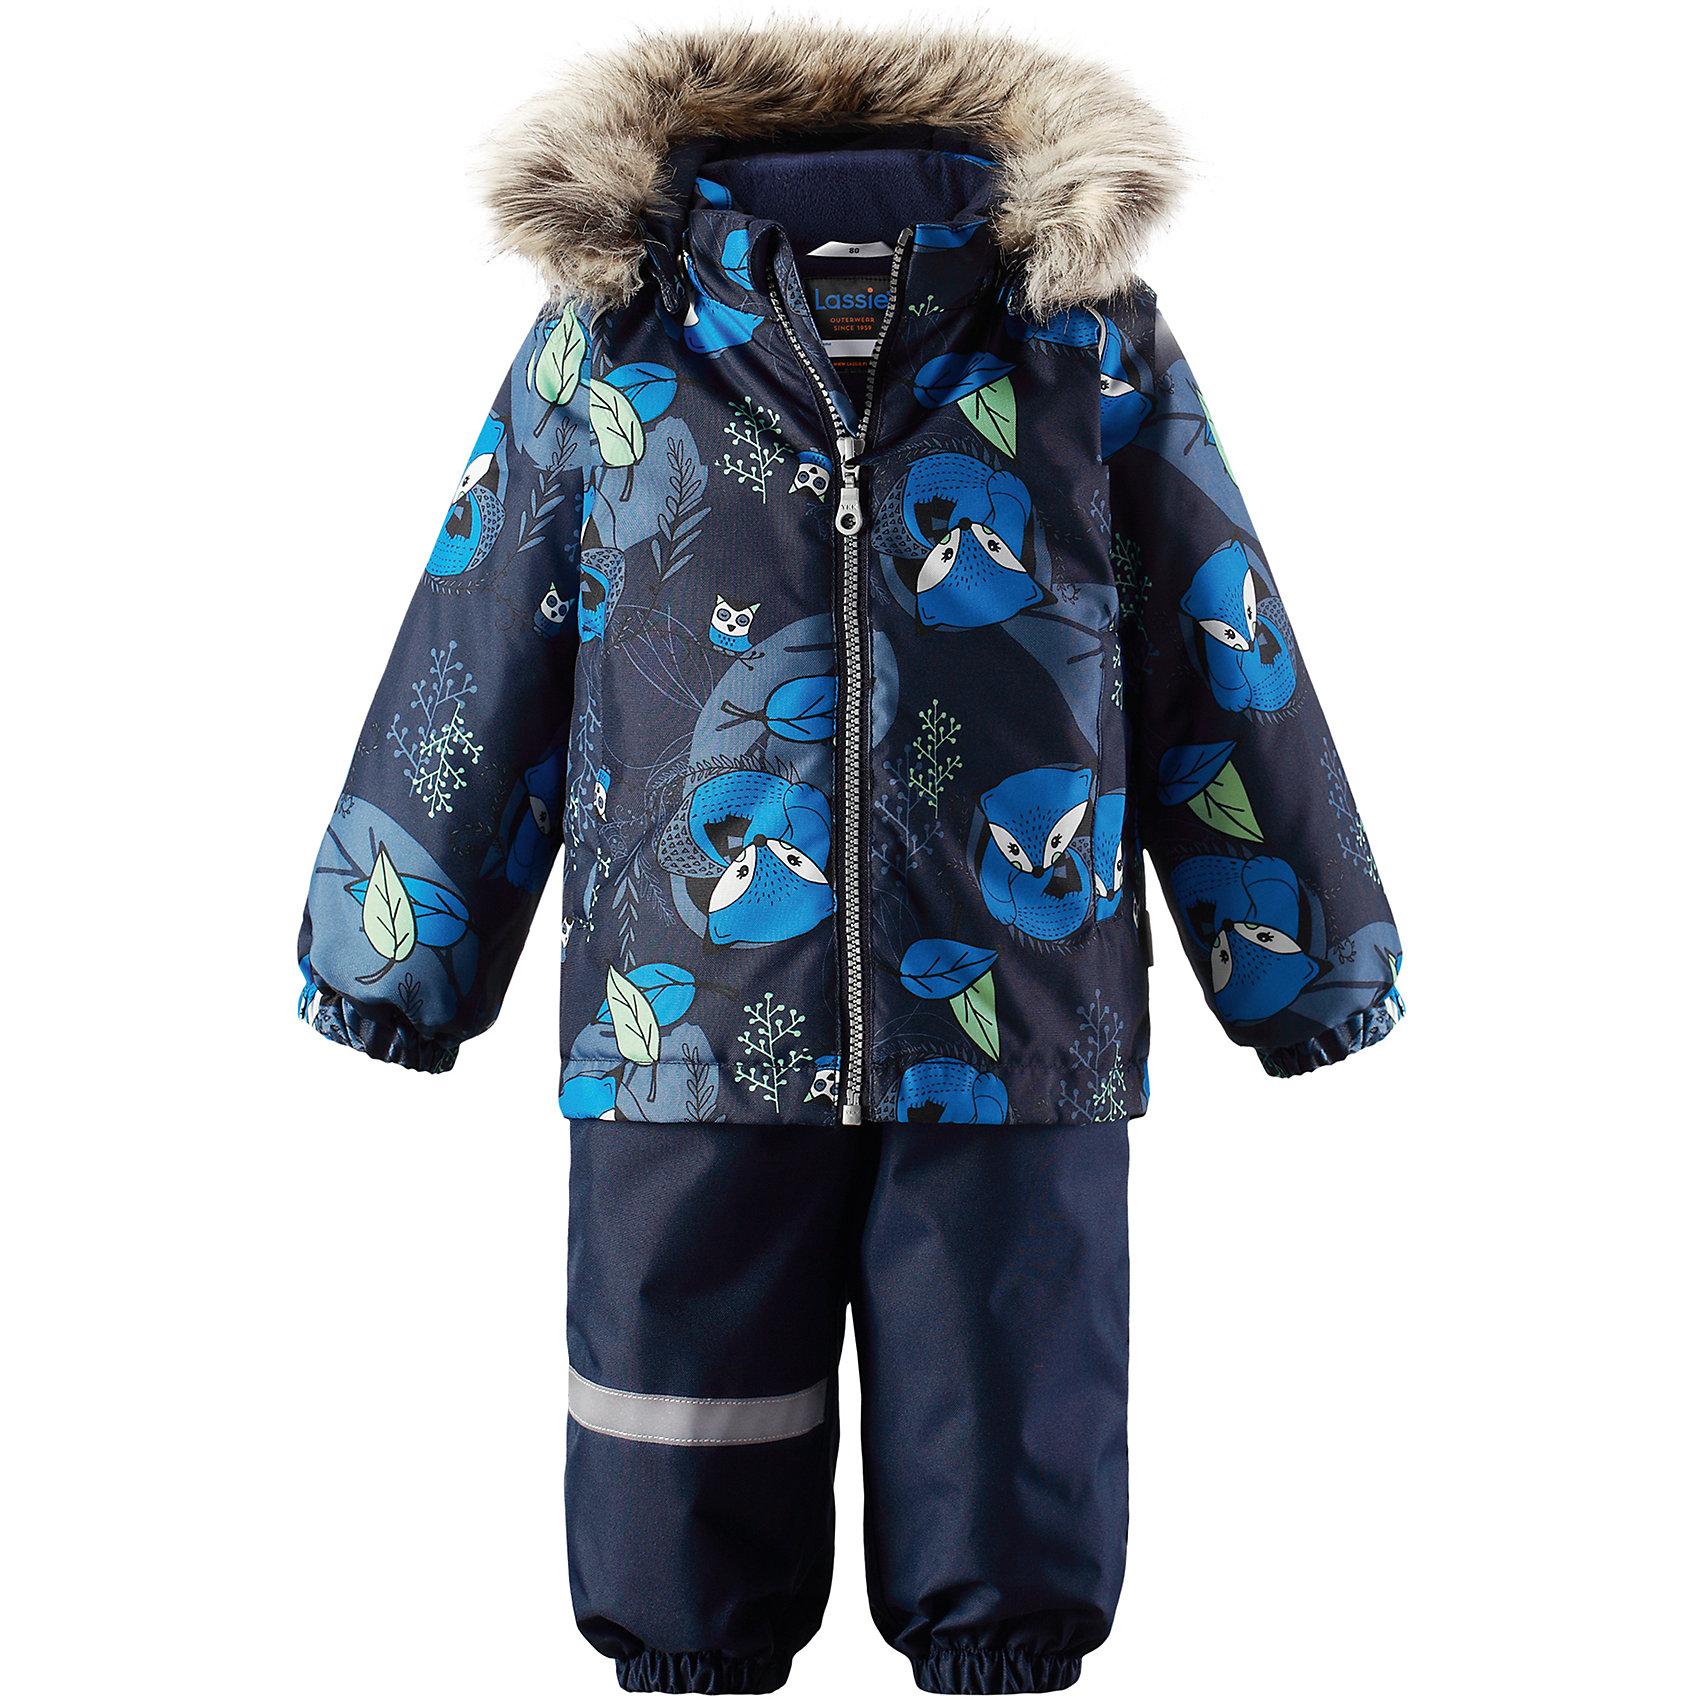 Комплект LassieВерхняя одежда<br>Характеристики товара:<br><br>• цвет: синий;<br>• состав: 100% полиэстер, полиуретановое покрытие;<br>• подкладка: 100% полиэстер;<br>• утеплитель: куртка 180 г/м2, брюки 140 г/м2;<br>• сезон: зима;<br>• температурный режим: от 0 до -20С;<br>• водонепроницаемость: 1000 мм;<br>• воздухопроницаемость: 1000 мм;<br>• износостойкость: 50000 циклов (тест Мартиндейла)<br>• застежка: молния с защитой подбородка, молния сбоку у брюк;<br>• водоотталкивающий, ветронепроницаемый и дышащий материал;<br>• сверхпрочный материал;<br>• задний серединный шов брюк проклеен;<br>• гладкая подкладка из полиэстера;<br>• безопасный съемный капюшон;<br>• съемный искусственный мех на капюшоне;<br>• эластичные манжеты;<br>• регулируемый подол;<br>• эластичные штанины;<br>• съемные эластичные штрипки;<br>• два прорезных кармана;<br>• регулируемые эластичные подтяжки;<br>• светоотражающие детали;<br>• страна бренда: Финляндия;<br>• страна изготовитель: Китай;<br><br>Этот красивый зимний комплект для малышей исполнен волшебного духа зимы, а еще он очень практичный! Комплект изготовлен из прочного, ветронепроницаемого и дышащего материала с верхним водо- и грязеотталкивающим слоем, он обеспечивает полный комфорт во время веселых прогулок. Безопасный съемный капюшон украшает стильная оторочка из искусственного меха, а регулируемый подол позволяет откорректировать куртку идеально по фигуре. Обратите внимание на удобные съемные штрипки, за счет которых брюки не будут задираться, и съемные регулируемые подтяжки – брюки не будут спадать, как ни бегай!<br><br>Комплект Lassie (Ласси) можно купить в нашем интернет-магазине.<br><br>Ширина мм: 356<br>Глубина мм: 10<br>Высота мм: 245<br>Вес г: 519<br>Цвет: синий<br>Возраст от месяцев: 24<br>Возраст до месяцев: 36<br>Пол: Унисекс<br>Возраст: Детский<br>Размер: 98,74,80,86,92<br>SKU: 6905428